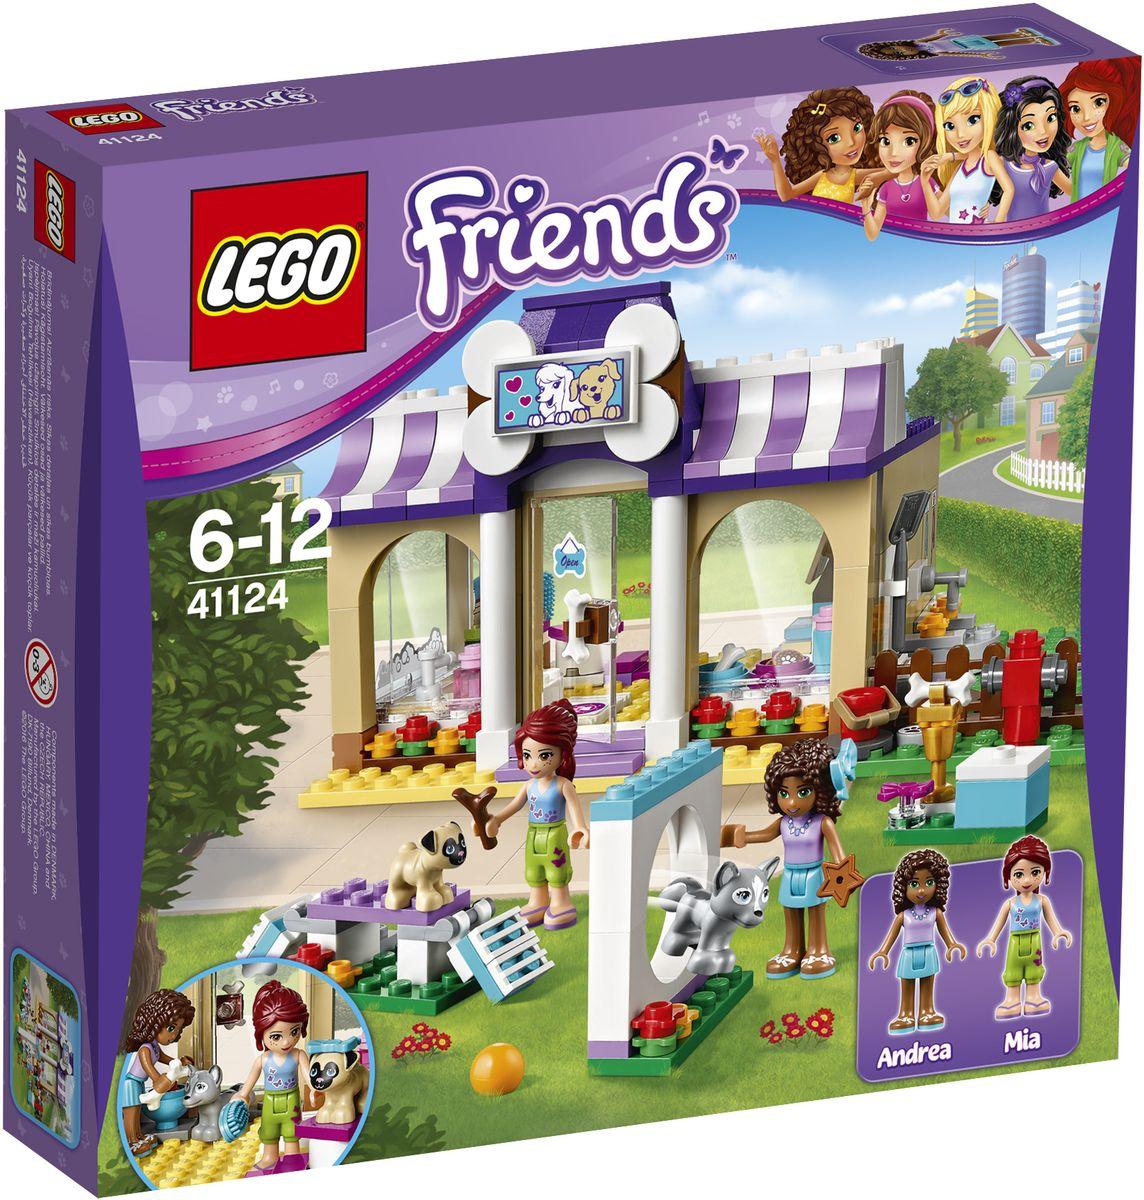 LEGO Friends Конструктор Детский сад для щенков 4112441124Все собаки Хартлейк-Сити любят играть в детском саду для щенков, созданном Андреа и Мией. Побегайте с ними по круговой дорожке в саду: здесь устроена настоящая игровая площадка для щенков! Зайдите внутрь, чтобы хорошенько вымыть хаски Луну и мопса Тофи в ванной и поиграть с ними. Затем покормите их и отправьте отдыхать на специальных кроватях, пока разбираетесь с новыми письмами от клиентов, пришедшими по электронной почте. Набор включает в себя 286 разноцветных пластиковых элементов. Конструктор - это один из самых увлекательных и веселых способов времяпрепровождения. Ребенок сможет часами играть с конструктором, придумывая различные ситуации и истории.